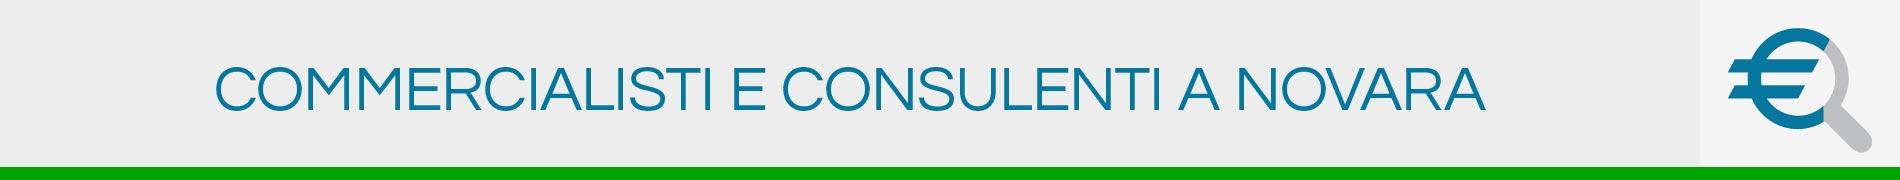 Commercialisti e Consulenti a Novara